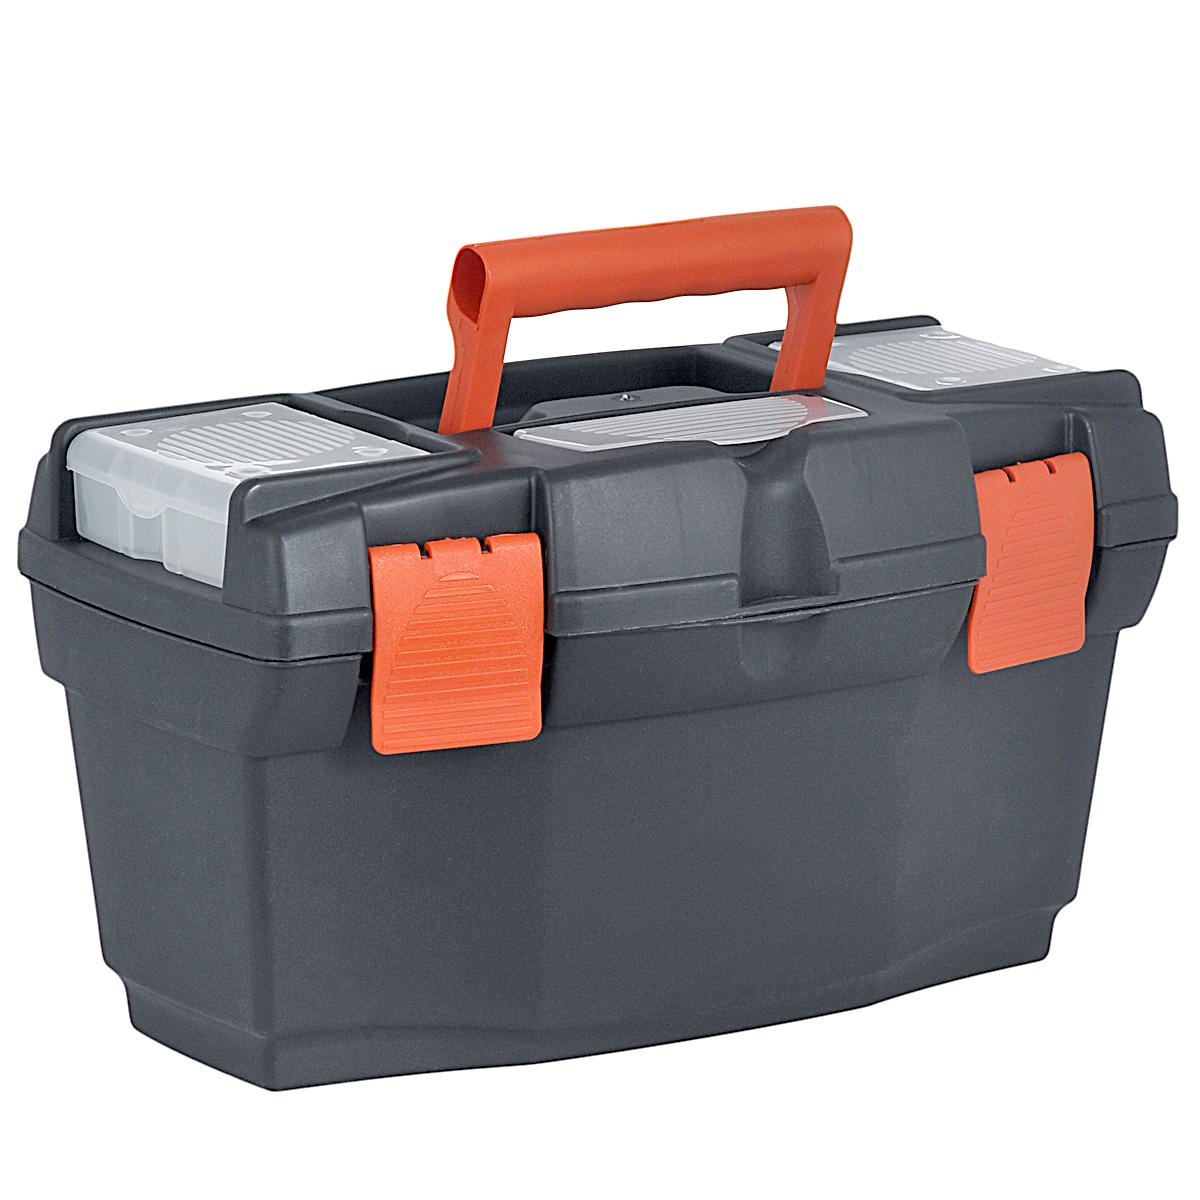 Ящик для инструментов Blocker Master, со съемным органайзером, 40,5 х 23 х 21,5 смПЦ3701Ящик Blocker Master изготовлен из прочного пластика и предназначен для хранения и переноски инструментов. Вместительный, внутри имеет большое главное отделение. В комплект входит съемный лоток, оснащенный линейкой. Крышка ящика оснащена двумя съемными органайзерами и отделением для хранения бит. Закрывается при помощи крепких защелок, которые не допускают случайного открывания. Для более комфортного переноса в руках, на крышке ящика предусмотрена удобная ручка.